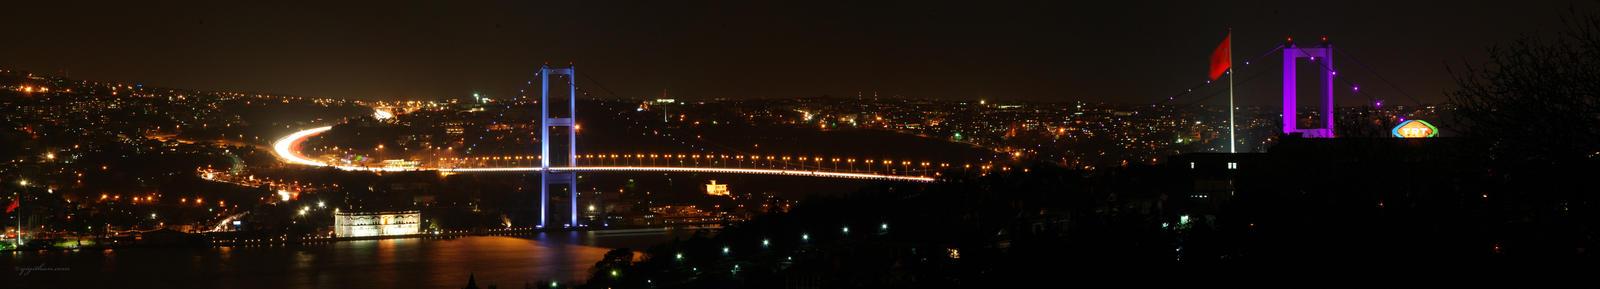 Bogazici Koprusu Panorama